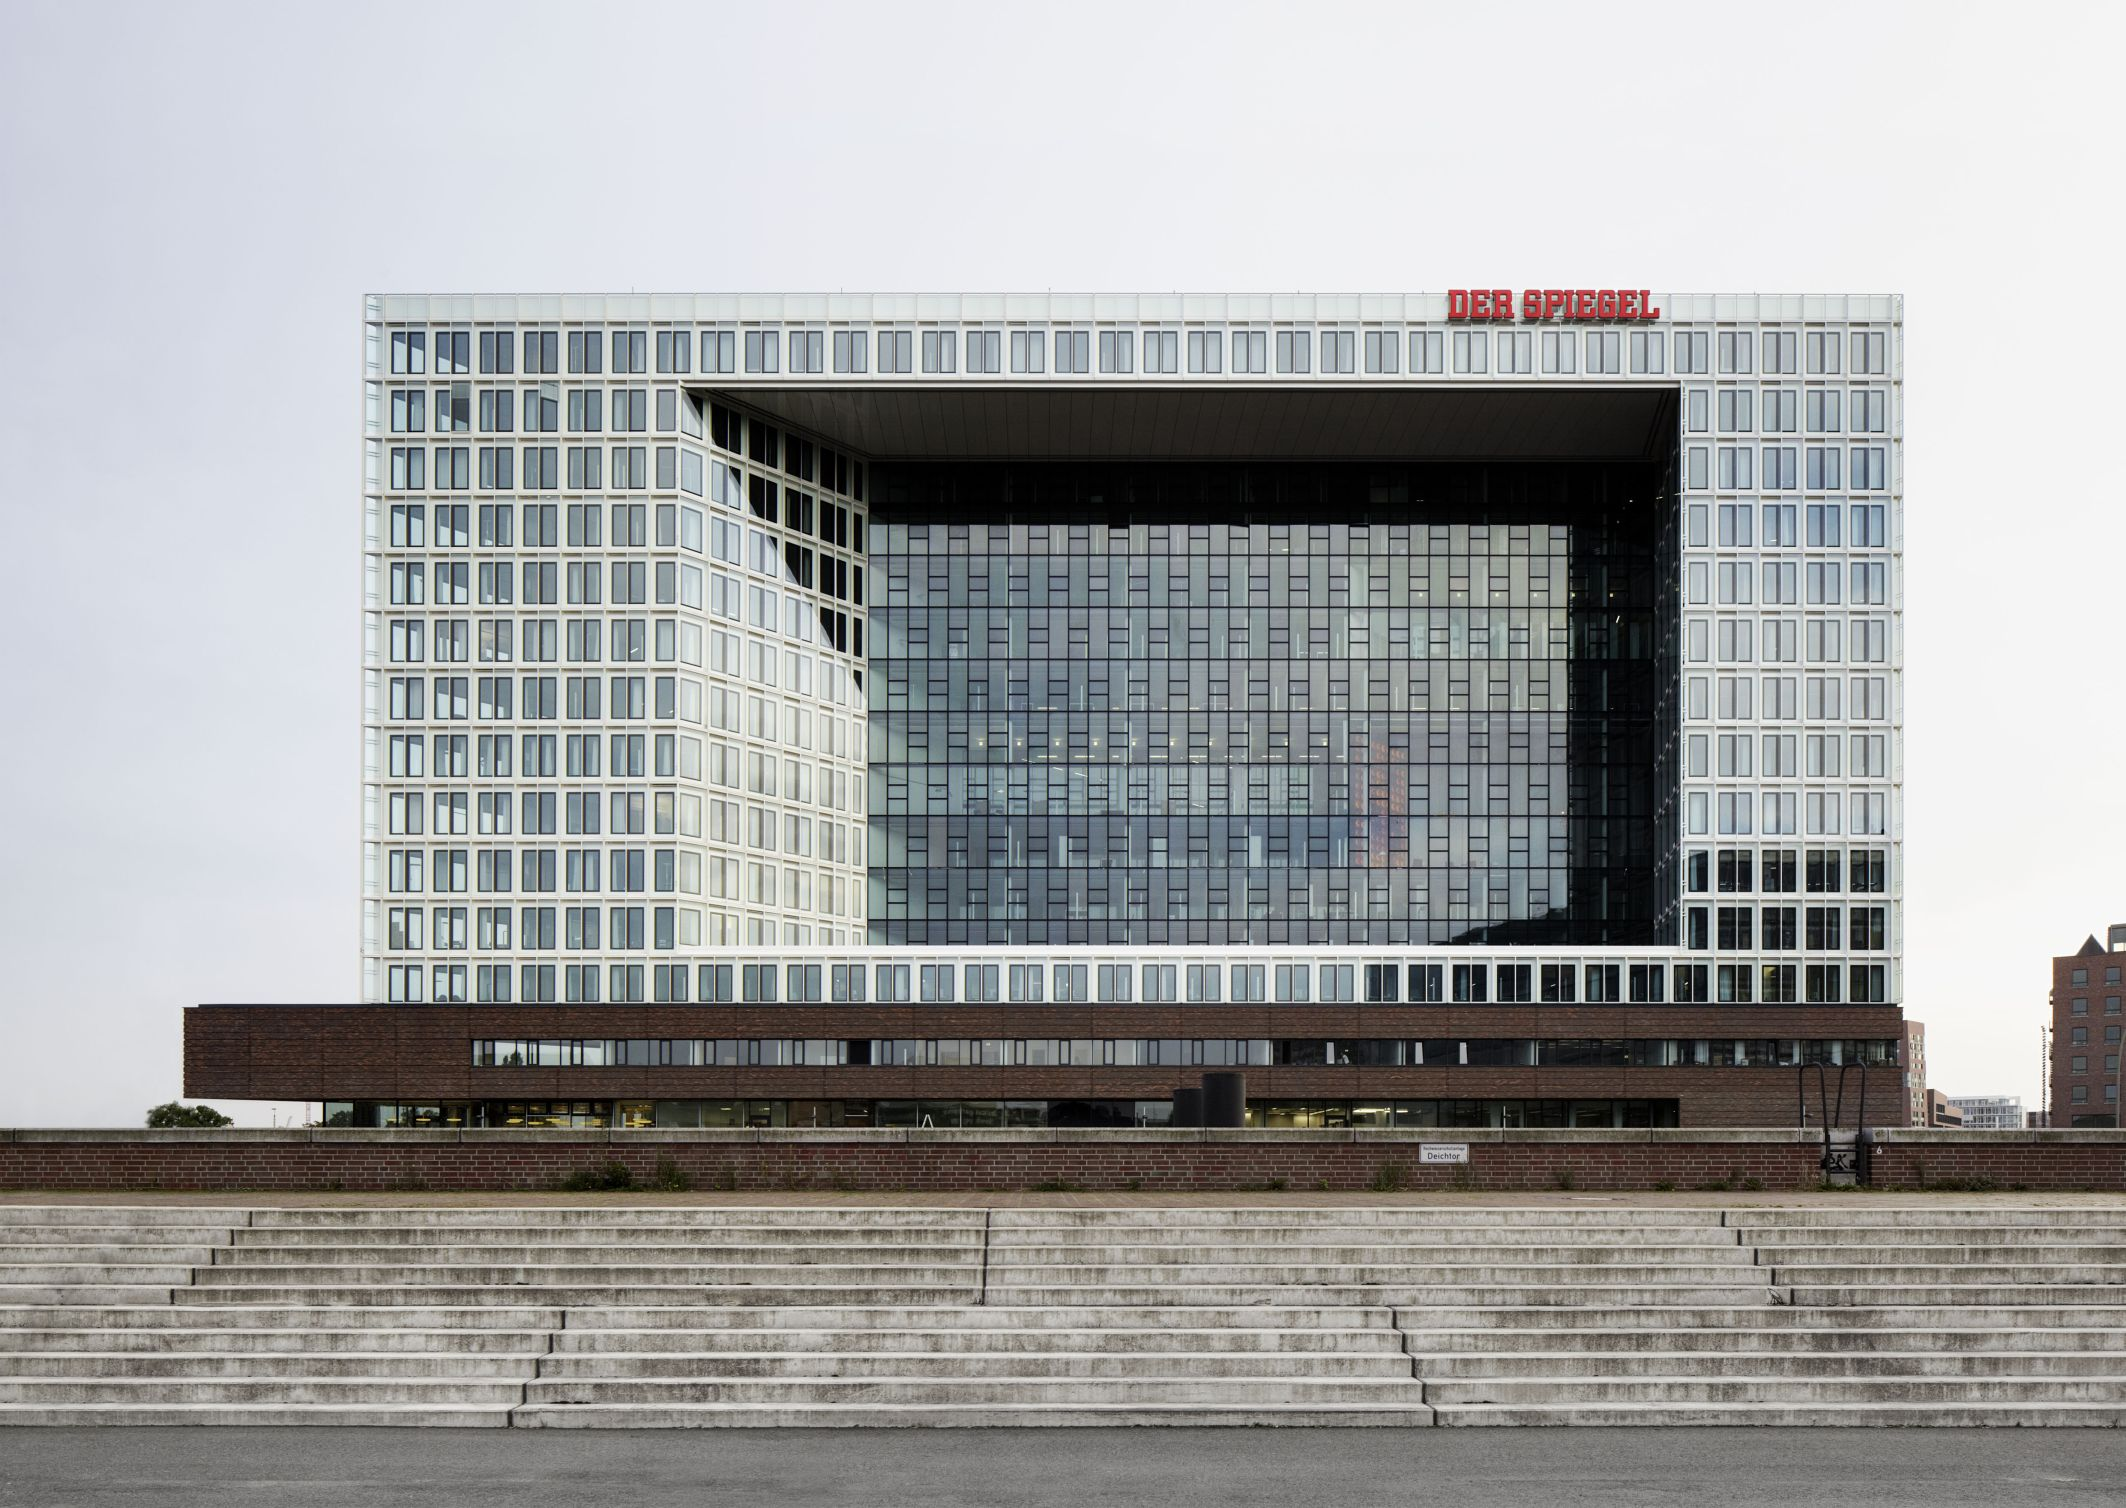 Spiegel neubau hamburg interpane glas industrie ag for Der spiegel hamburg